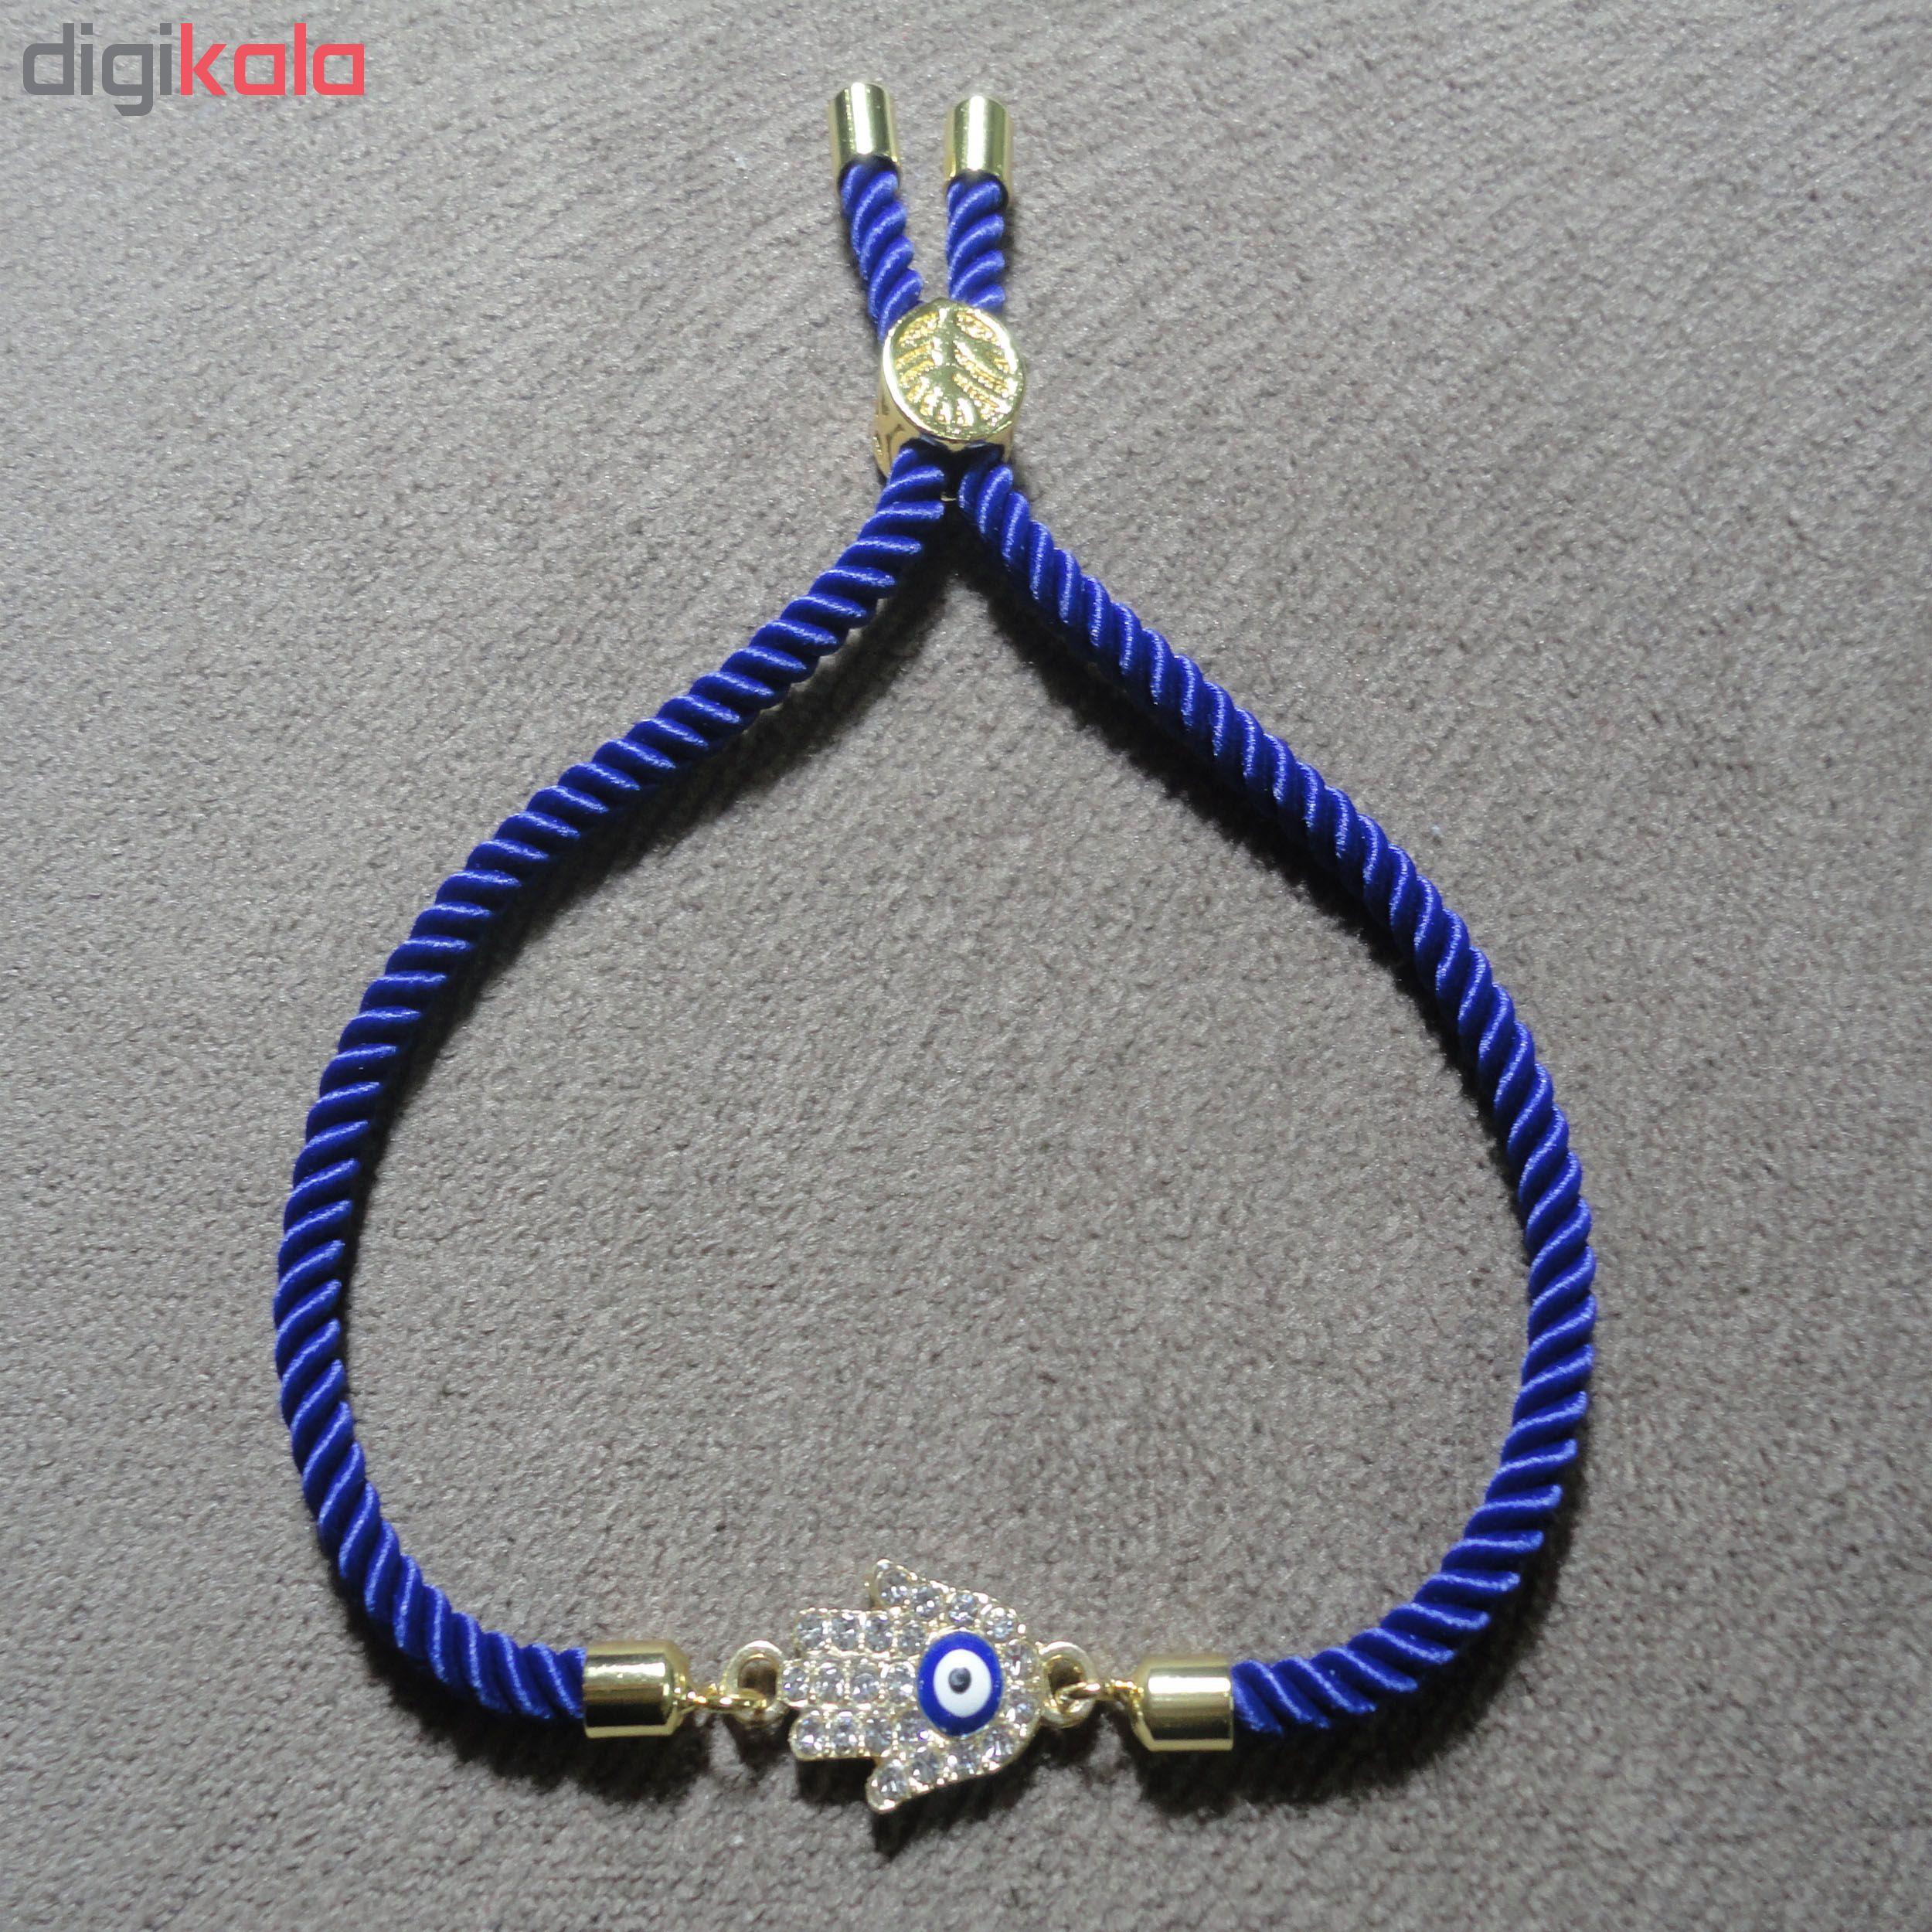 دستبند زنانه طرح چشم نظر کد 10 main 1 3